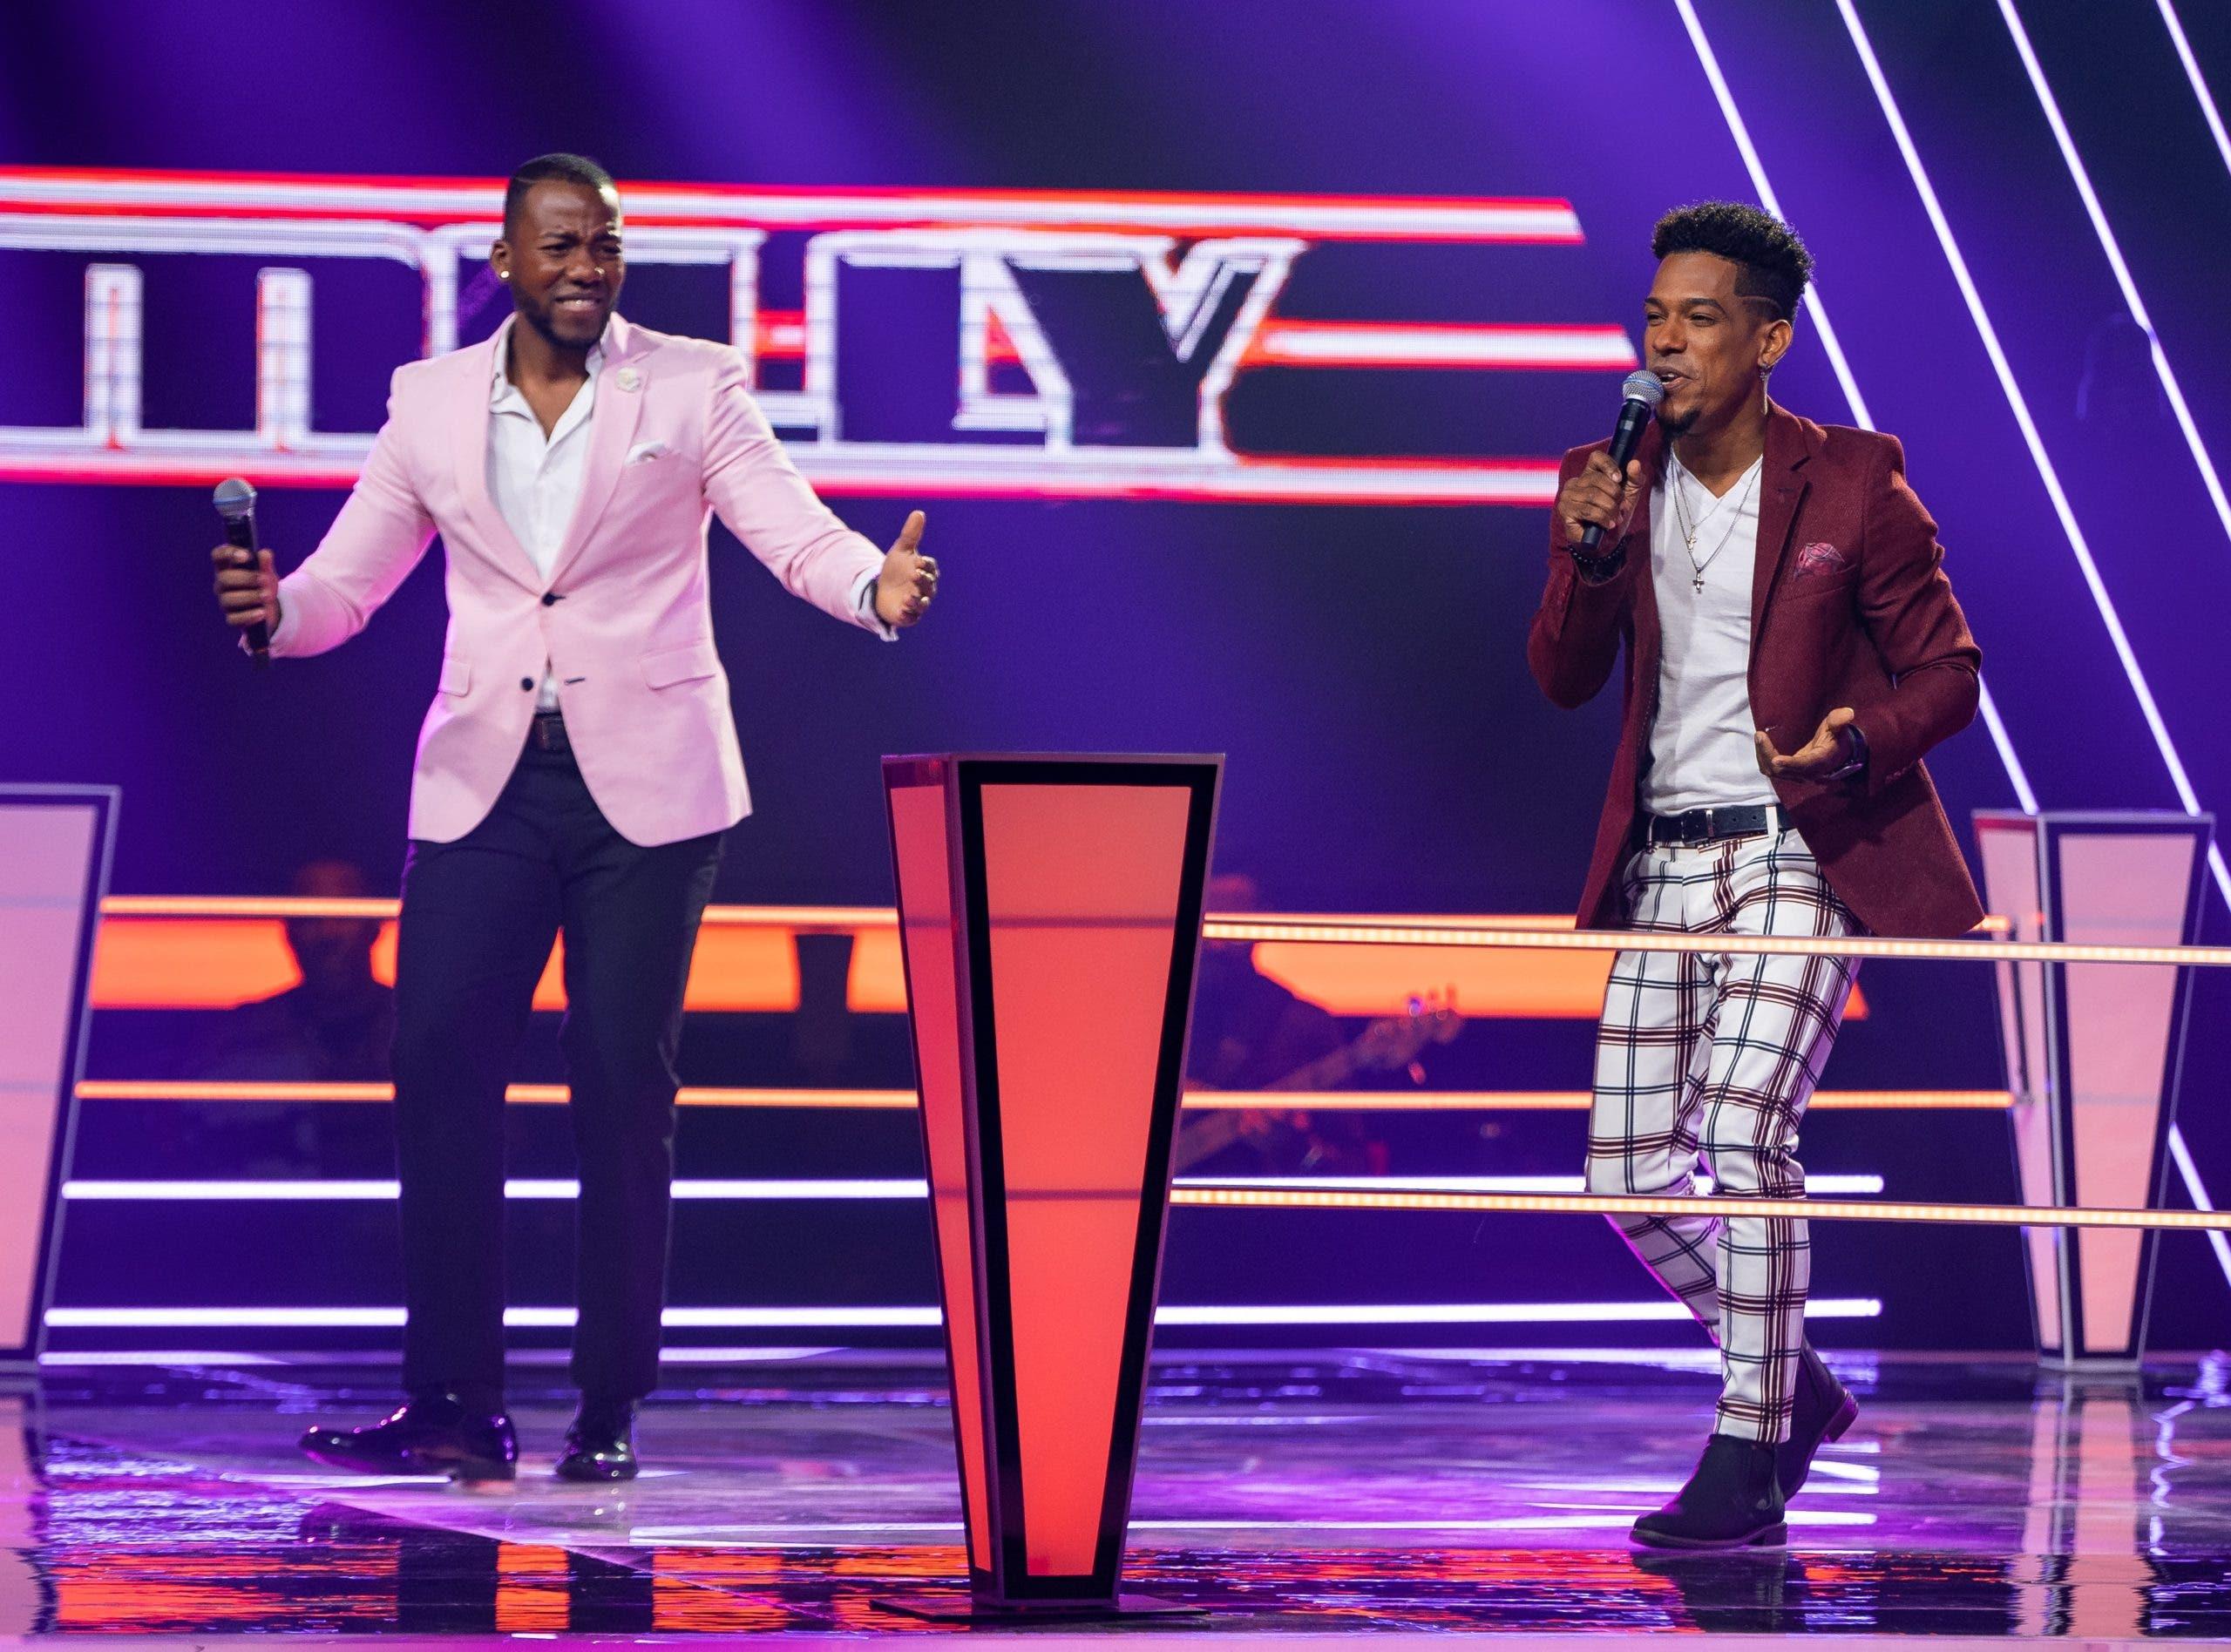 Batallas en The Voice Dominicana llegan a su final